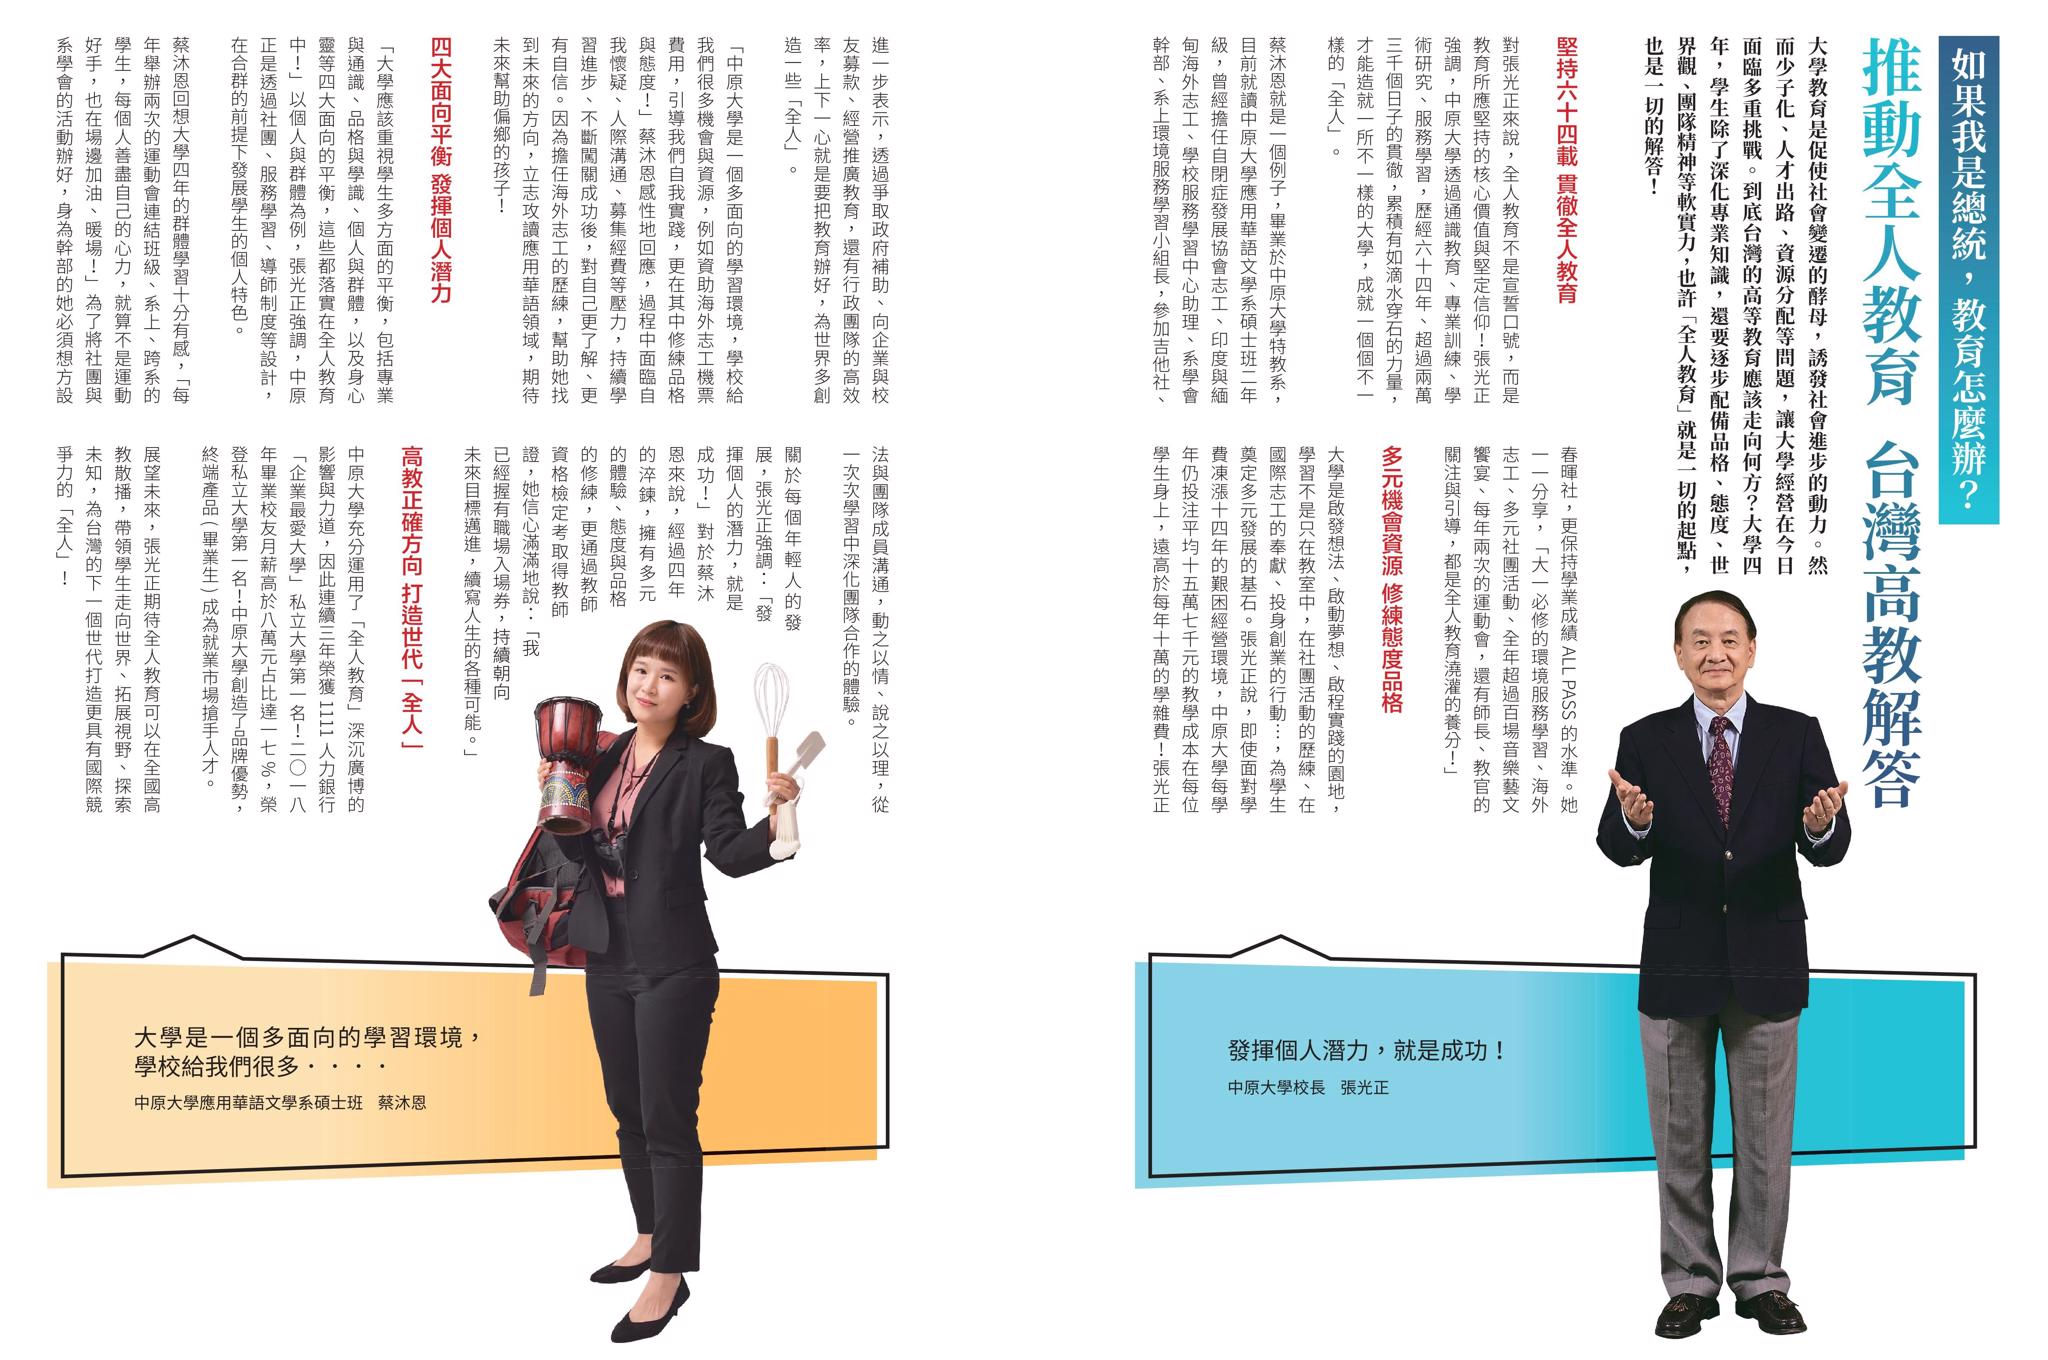 《天下雜誌686期》推動全人教育  台灣高教解答